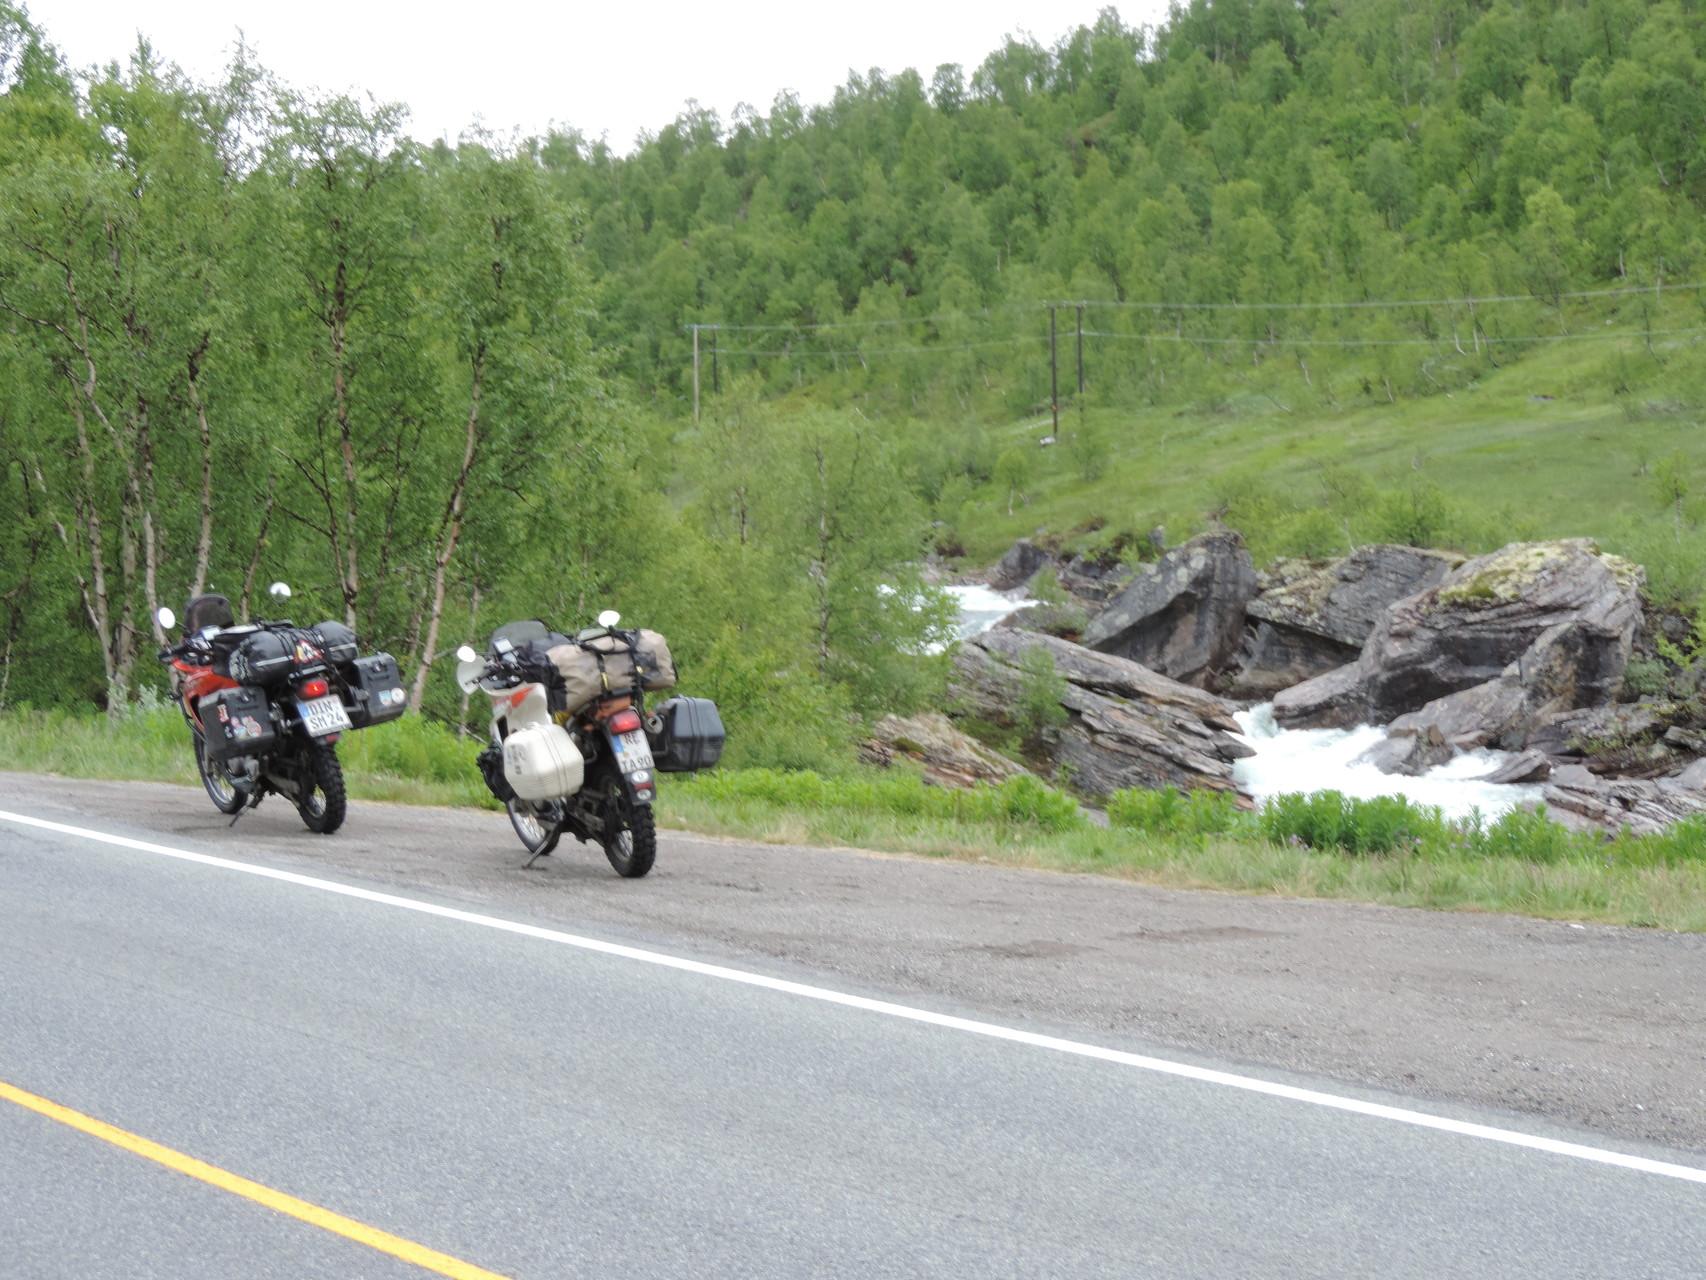 Kurzer Stop am reißenden Fluss